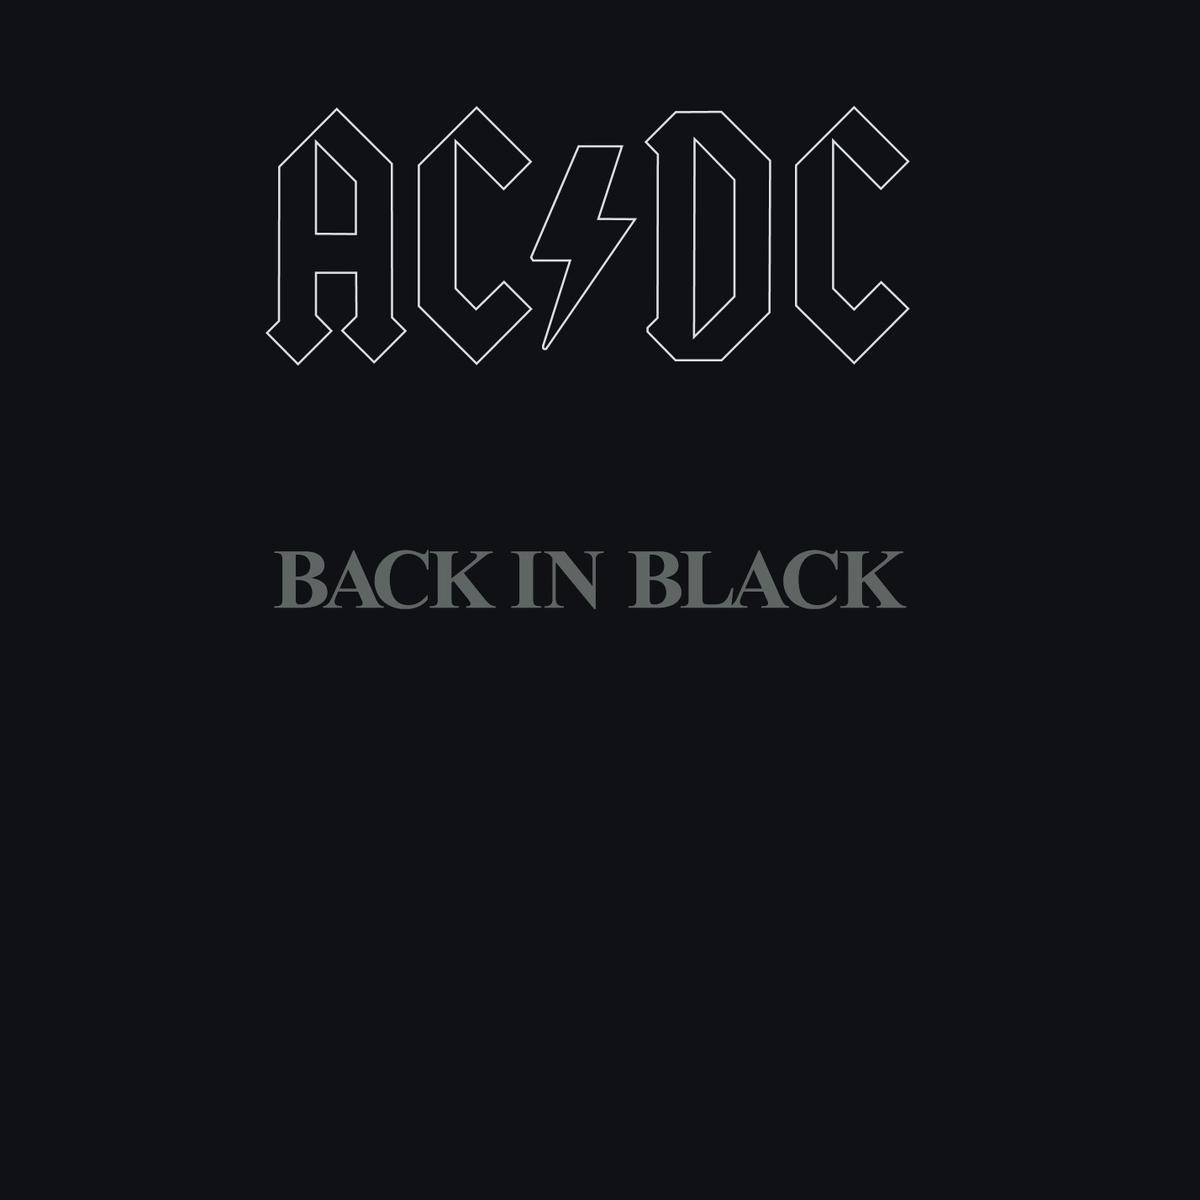 20 Albums, 20 Days: Back in Black